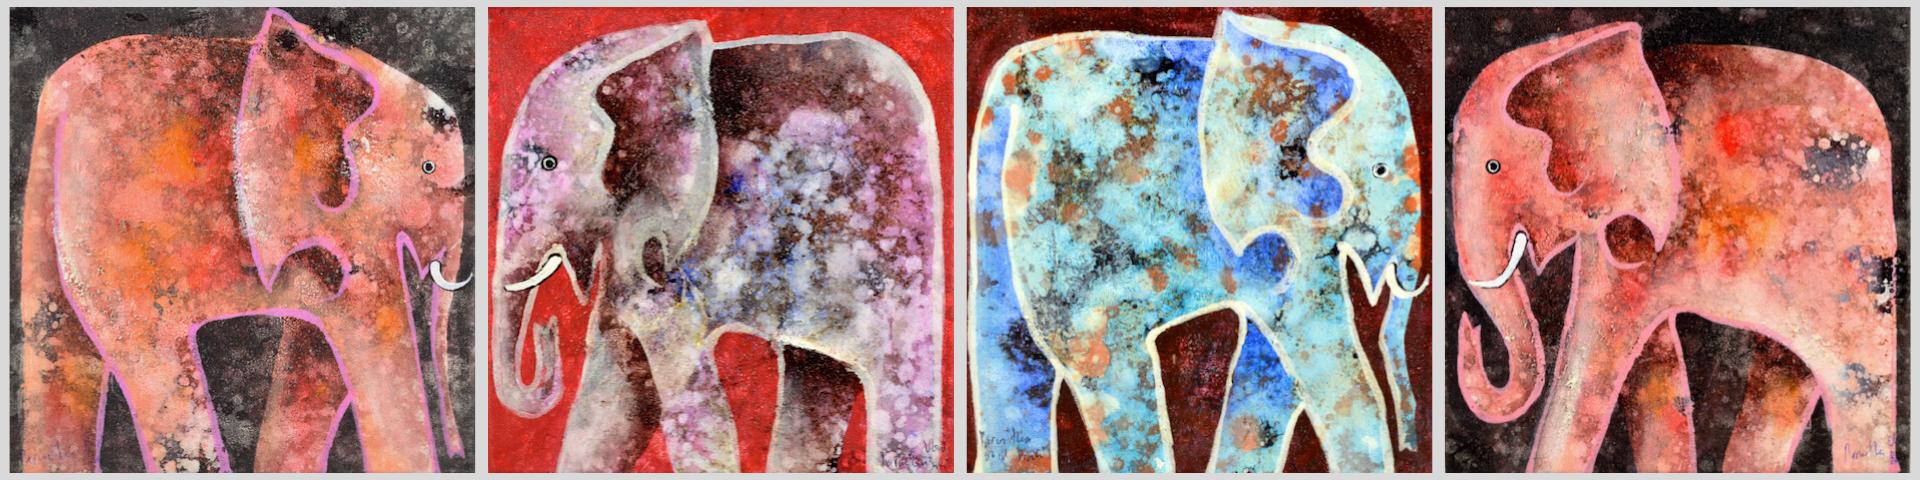 original balinesische Kunstwerke auf cosy elephant